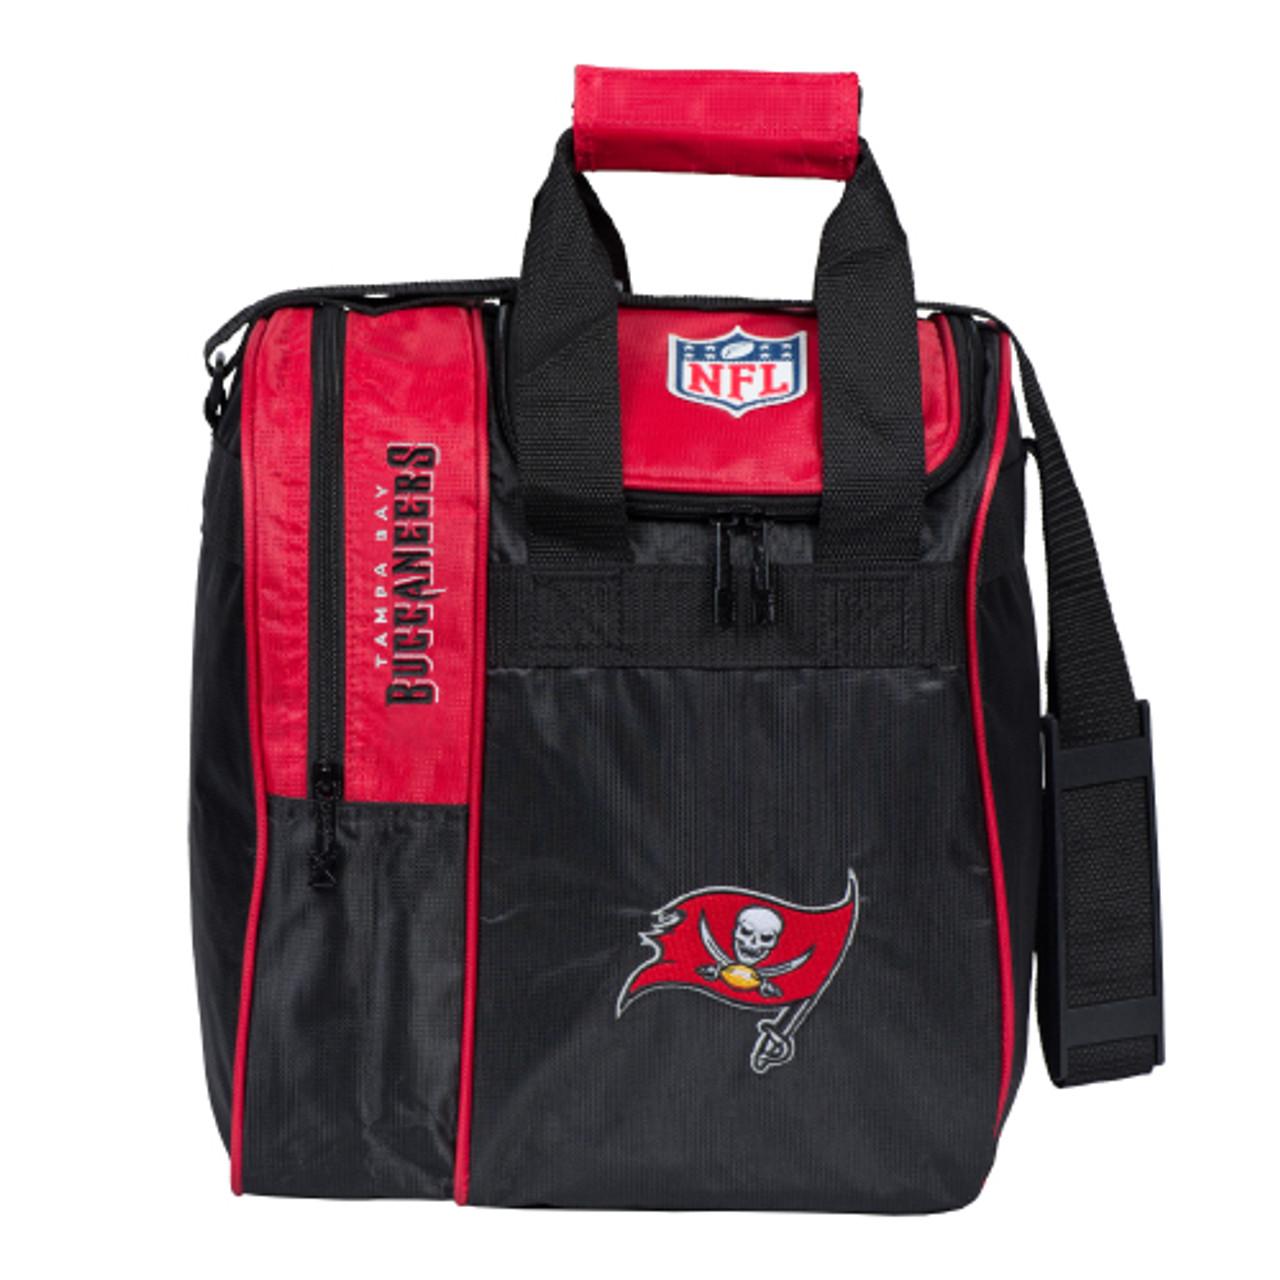 KR Strikeforce NFL Tampa Bay Buccaneers Single Tote Bowling Bag